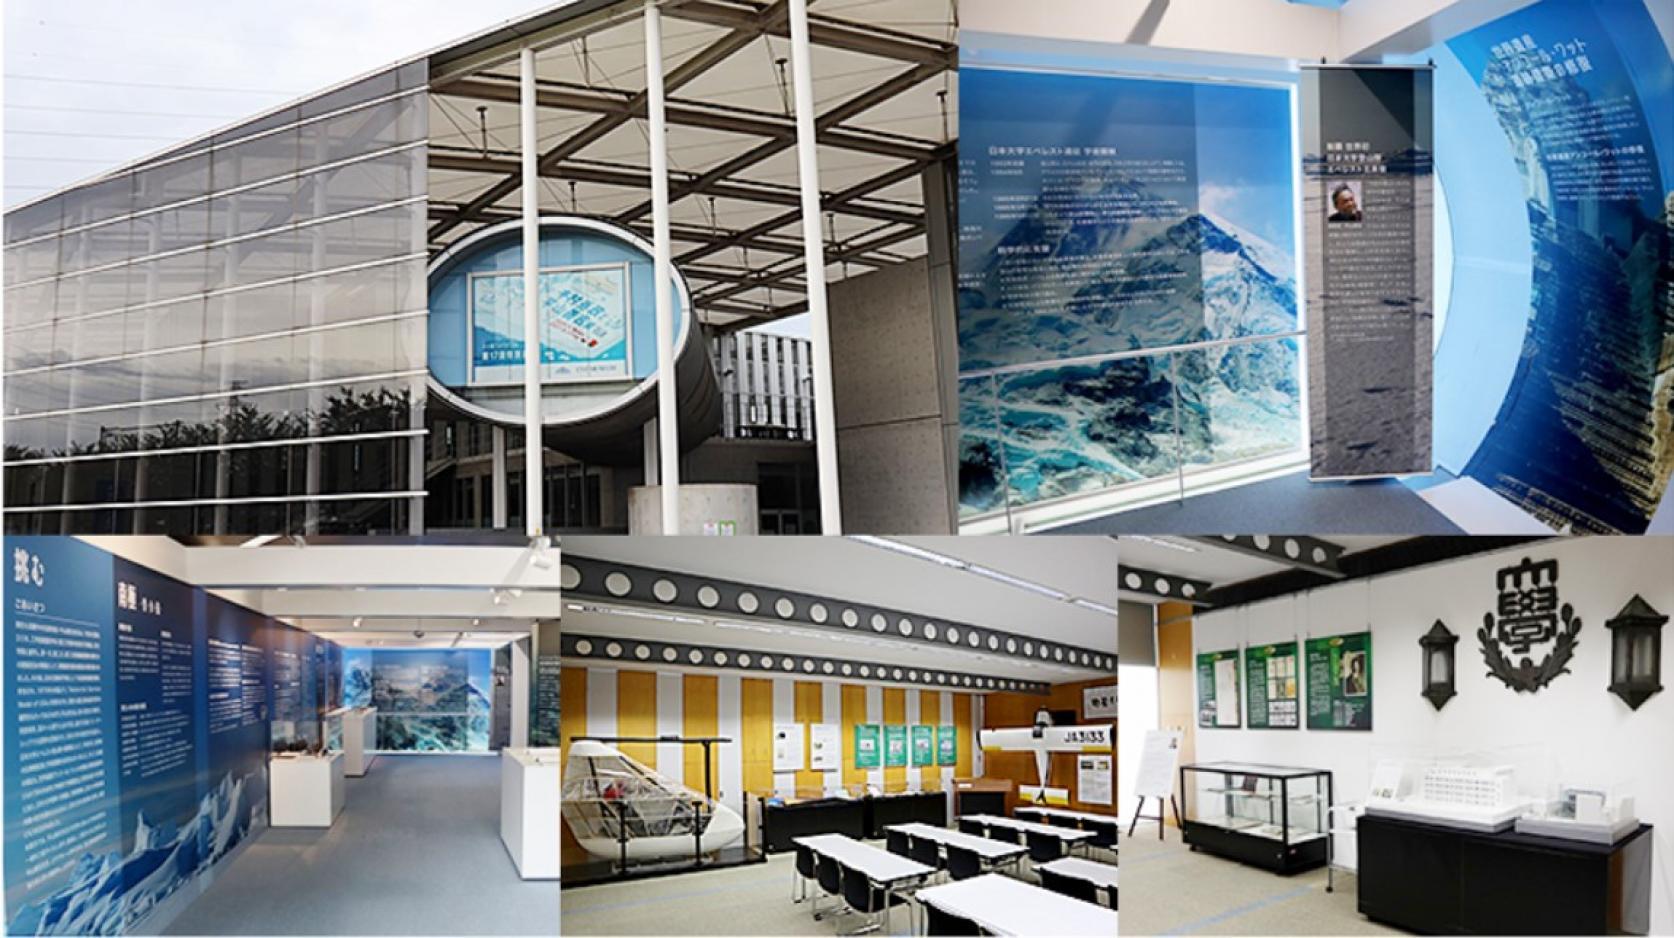 【申し込み受付中!】11月1日(日)開催「バーチャルオープンキャンパス 船橋キャンパスウォッチング Special Day!」の現地開催プログラム「教育研究施設ガイドツアー」の申し込みがはじまりました。